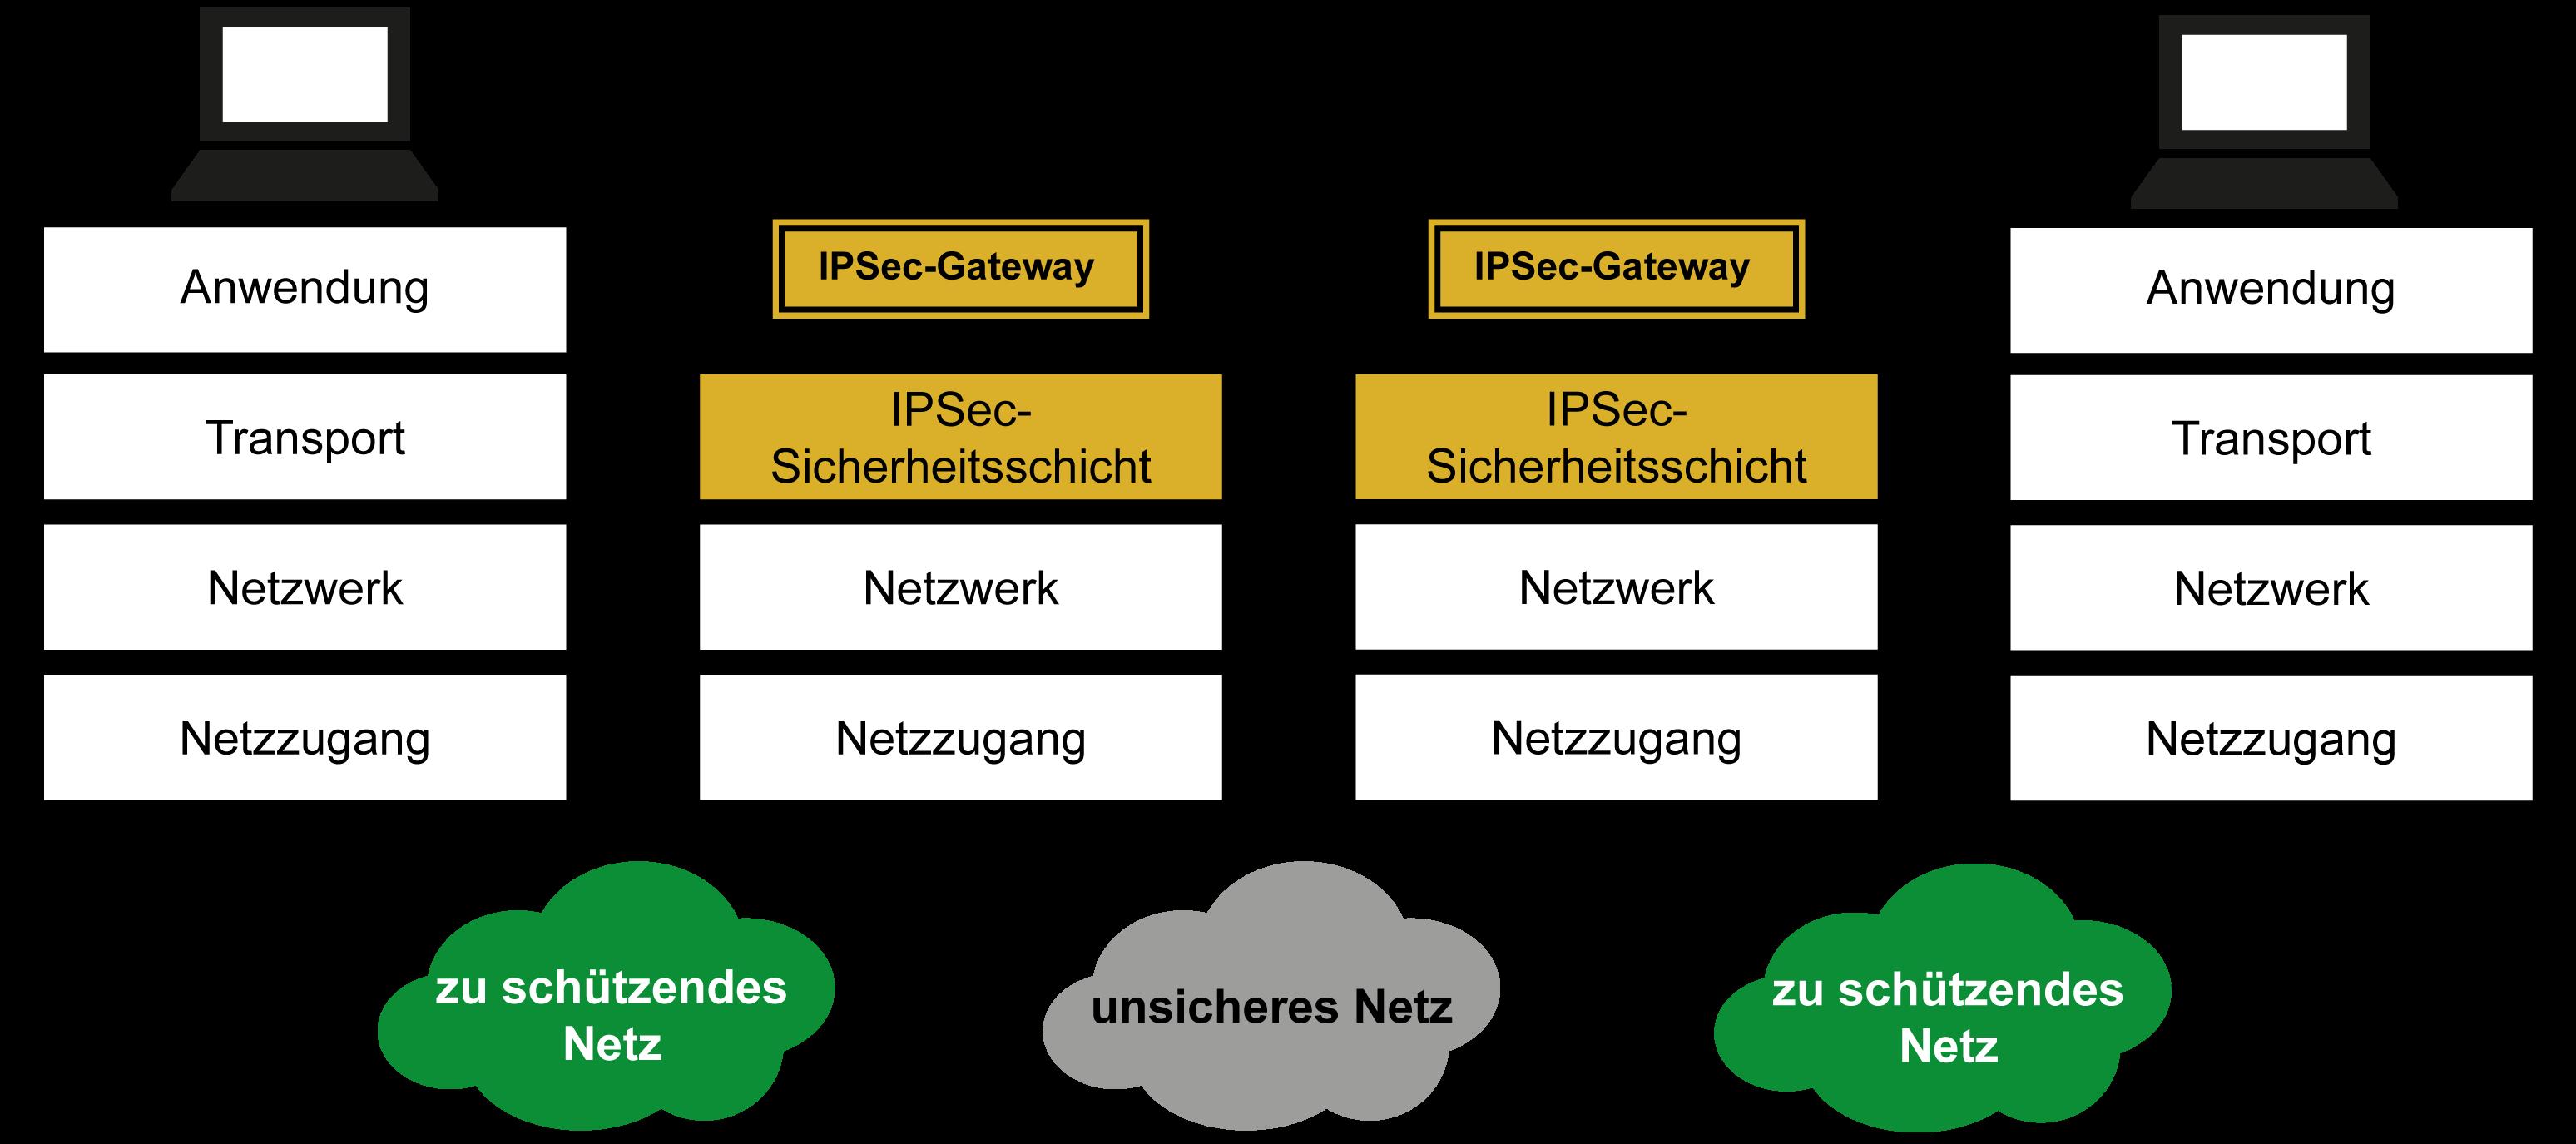 IPSec-Gateway - Glossar Cyber-Sicherheit - Prof. Norbert Pohlmann